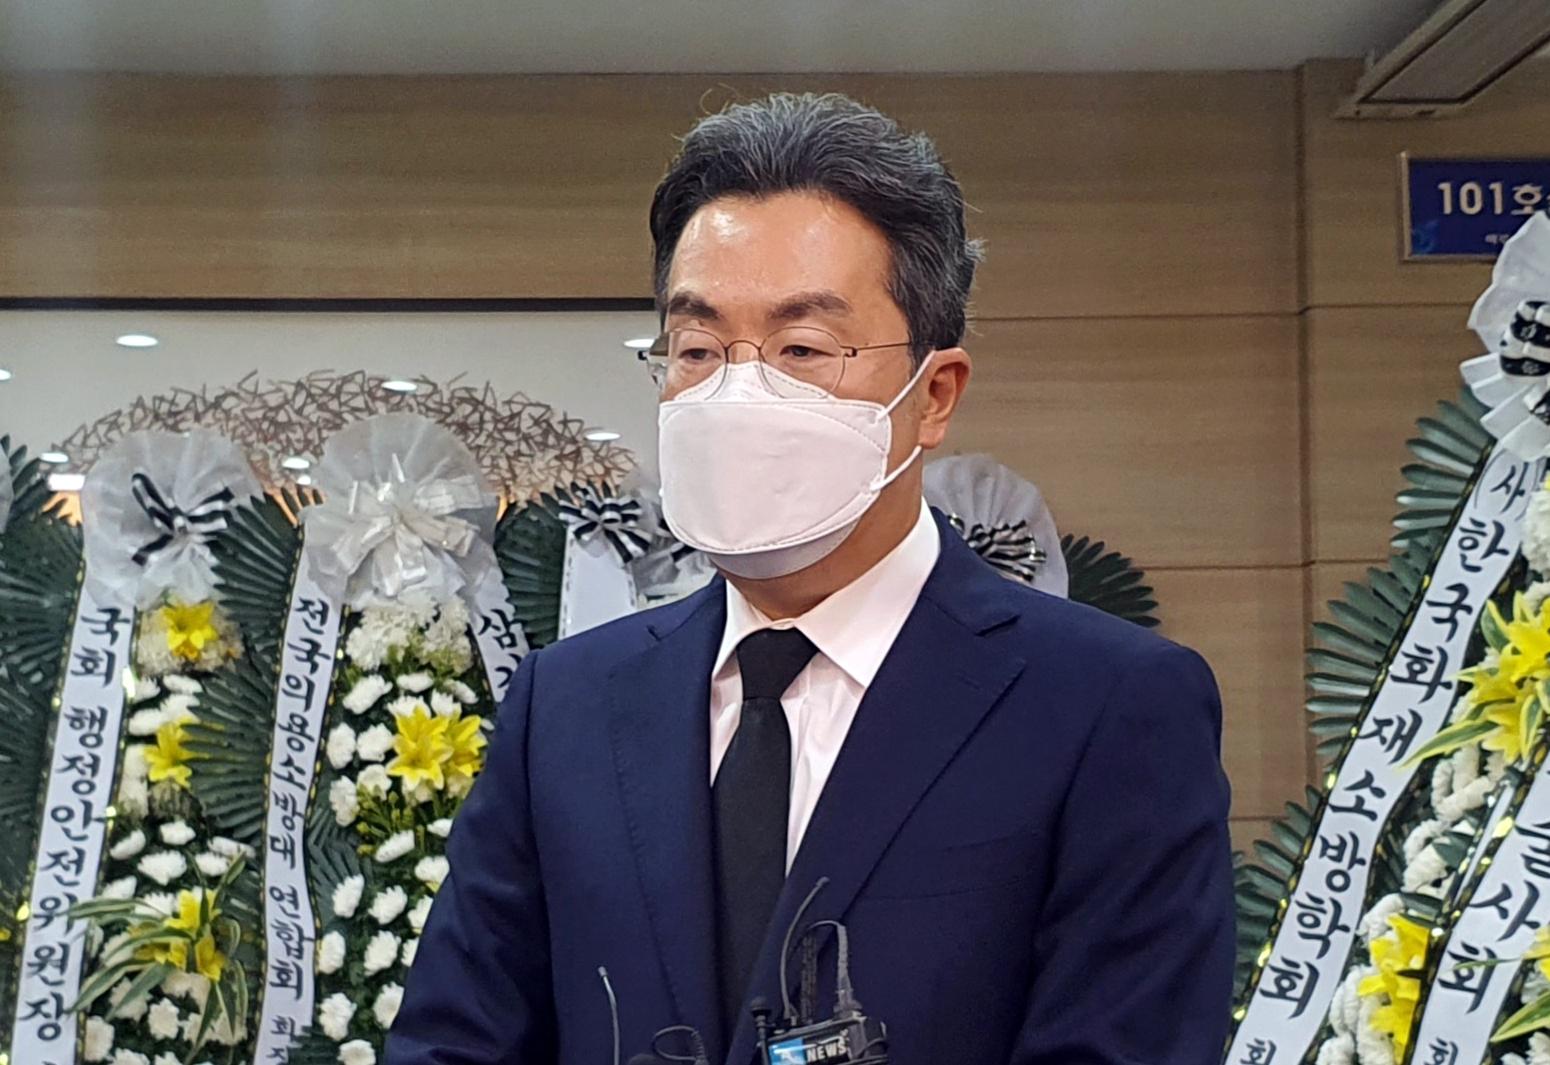 19일 오후 경기 하남시 마루공원 장례식장에 마련된 김동식 구조대장 빈소에서 강한승 쿠팡 대표이사가 유가족에게 위로의 말을 전하고 있다. 연합뉴스